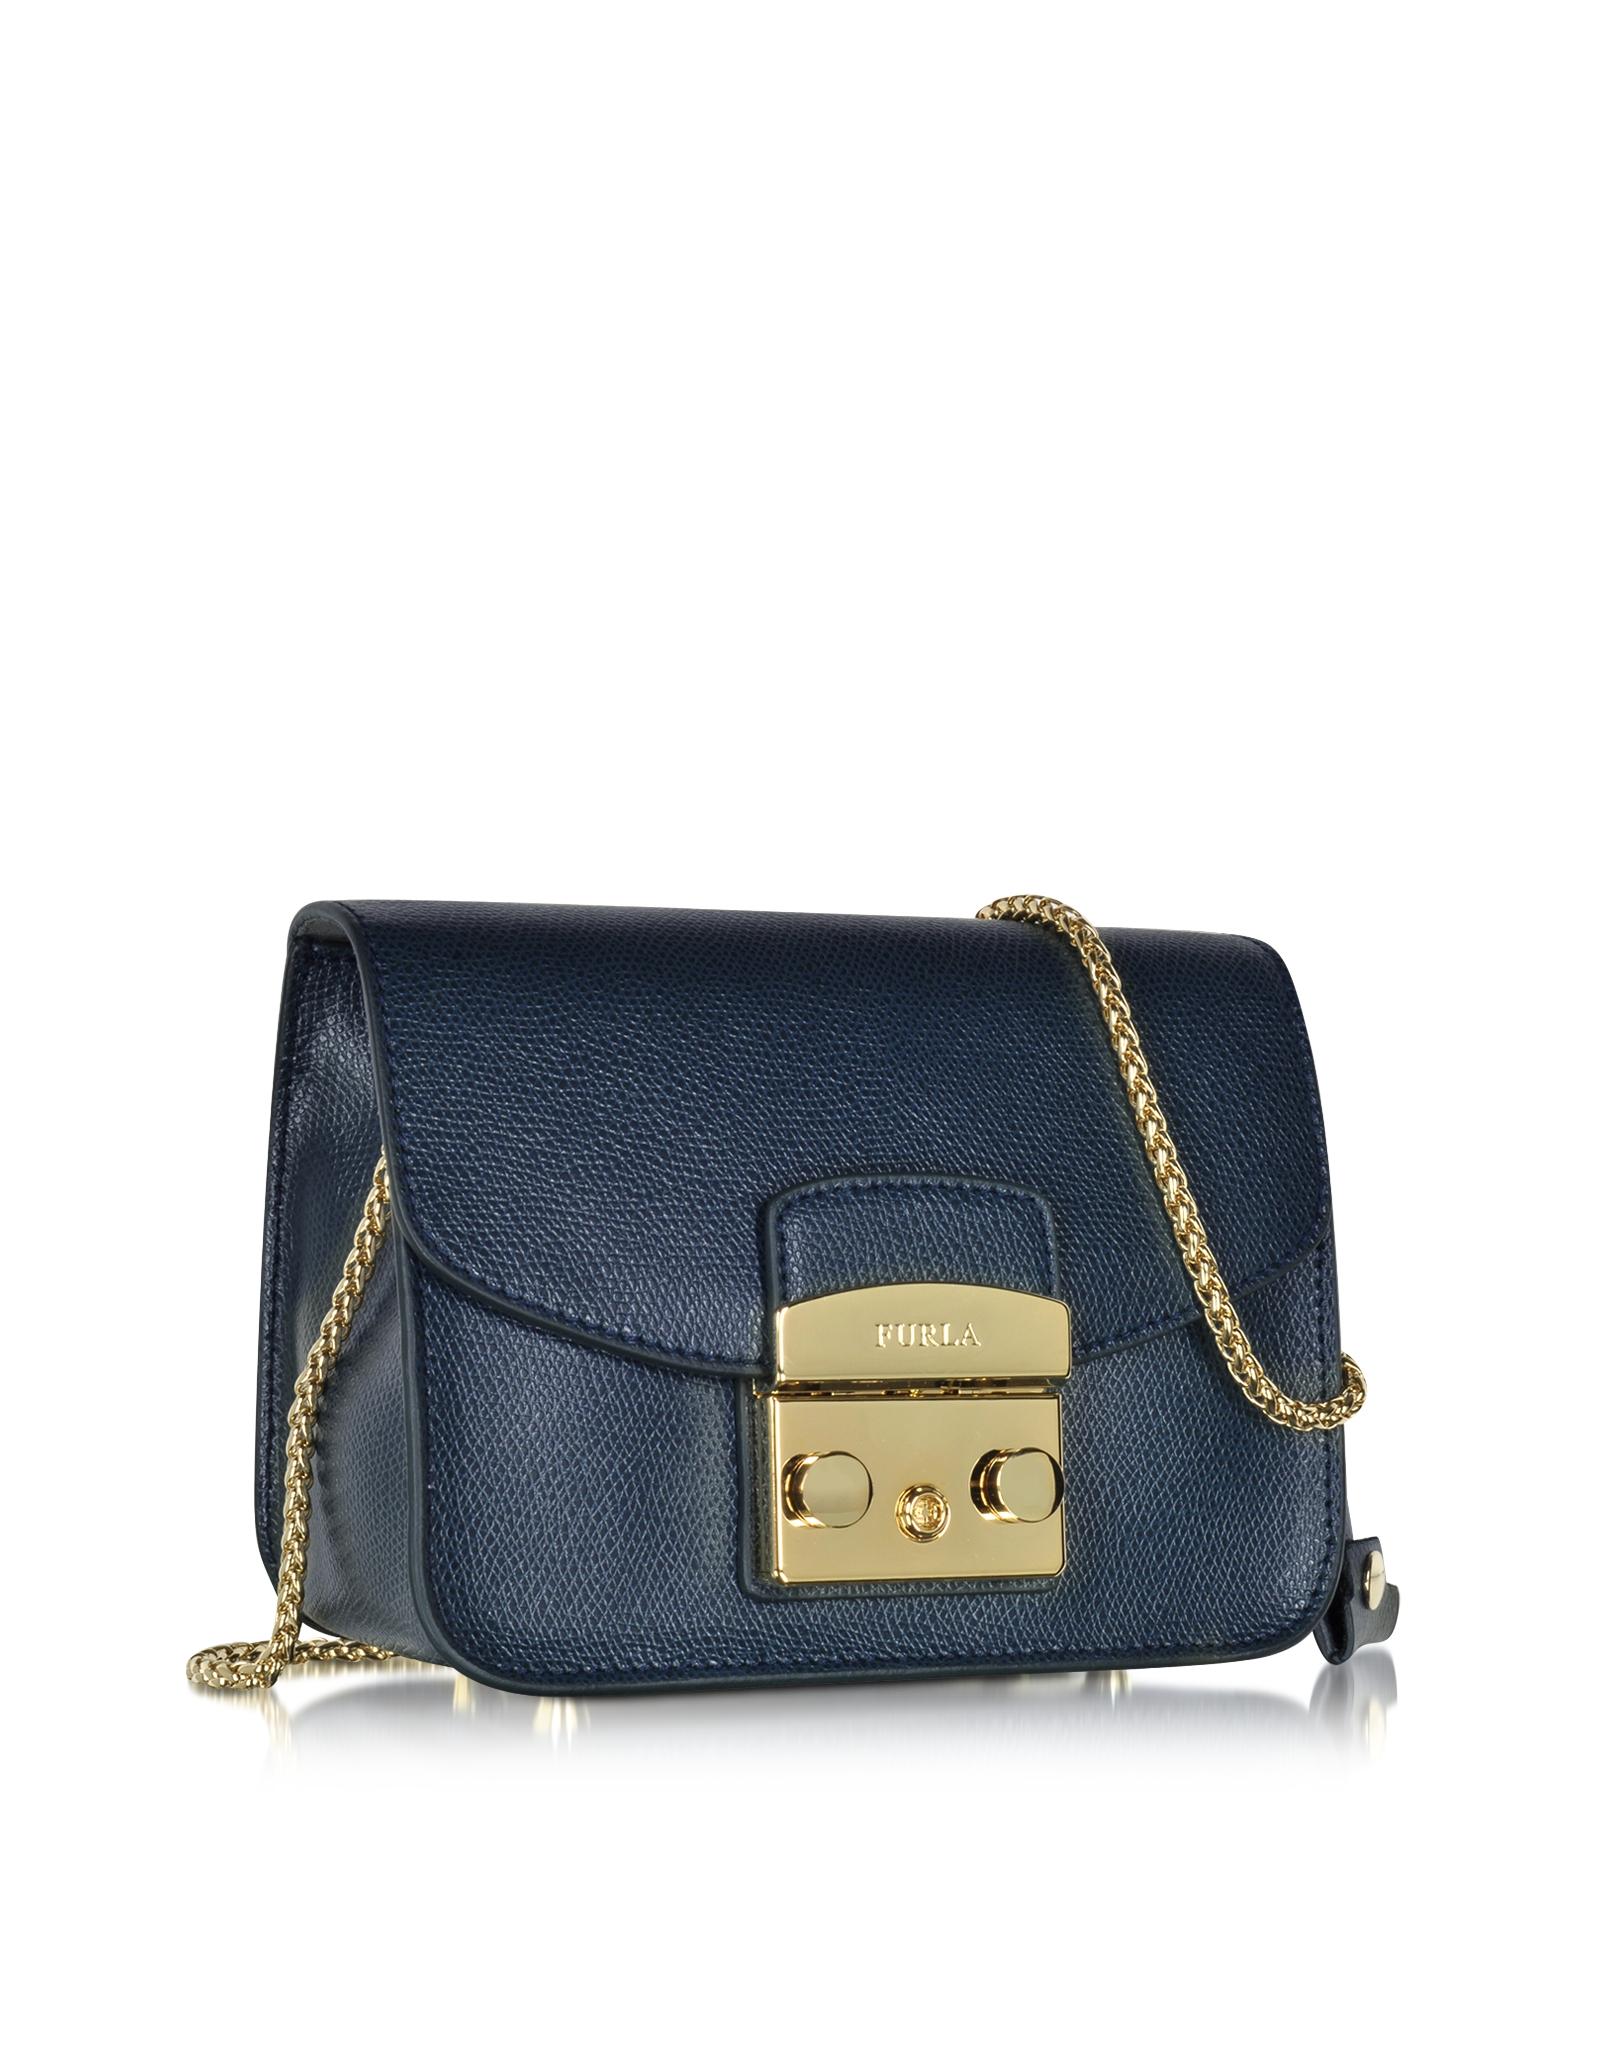 255e64624c Lyst - Furla Metropolis Navy Leather Shoulder Bag in Blue